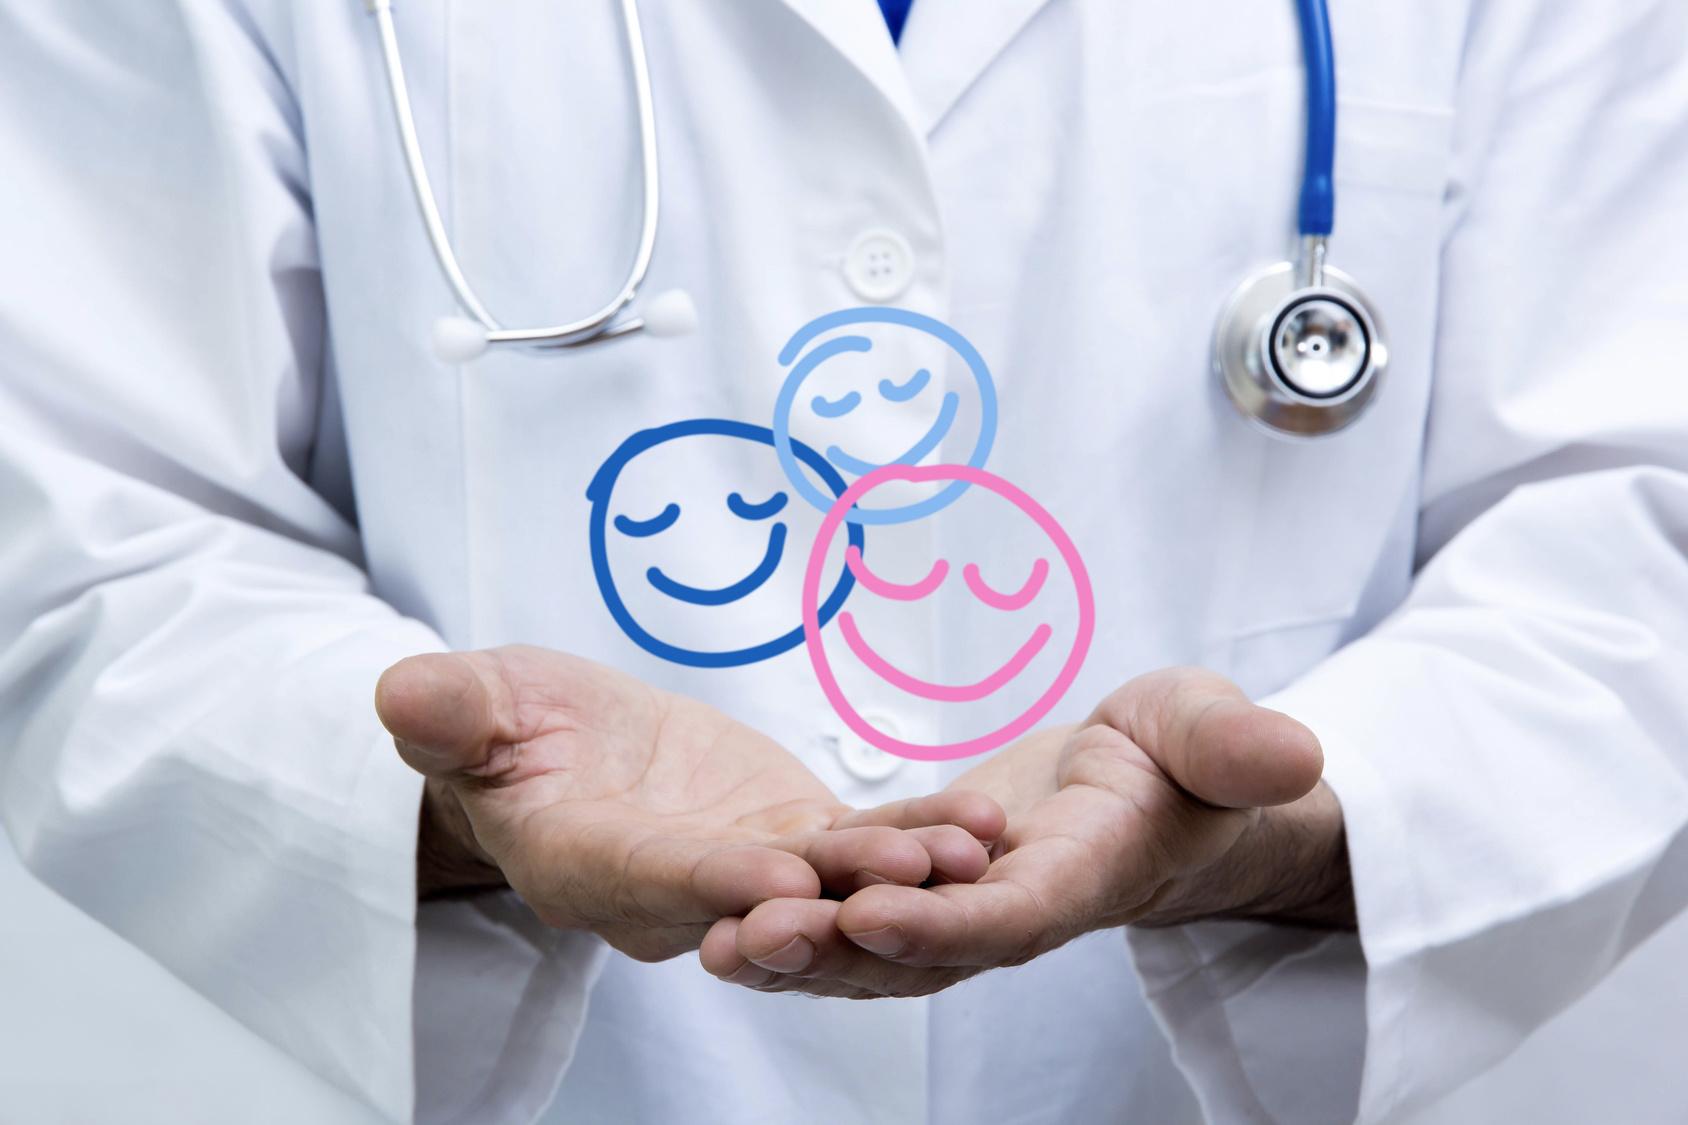 medico di famiglia, medico, pediatra, pediatria